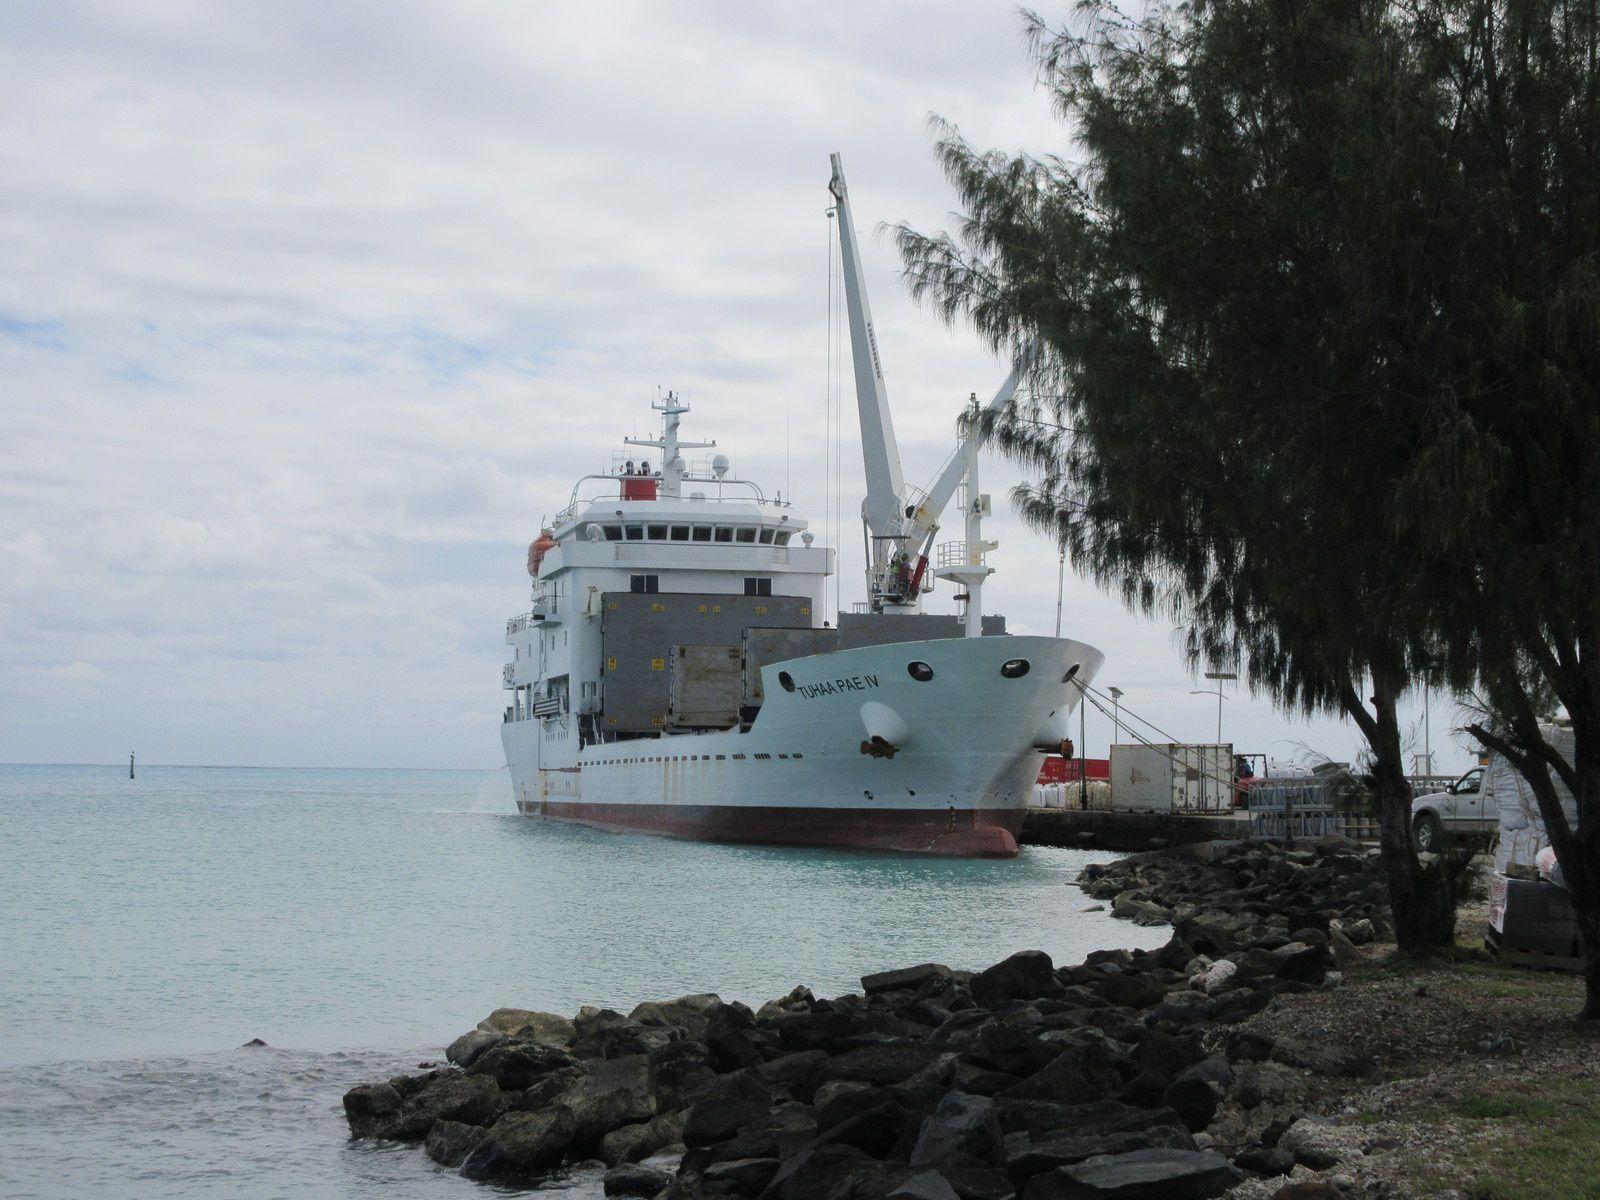 australes partie 2/3 : le Tuhaa Pae IV, cargo mixte (mais surtout cargo)